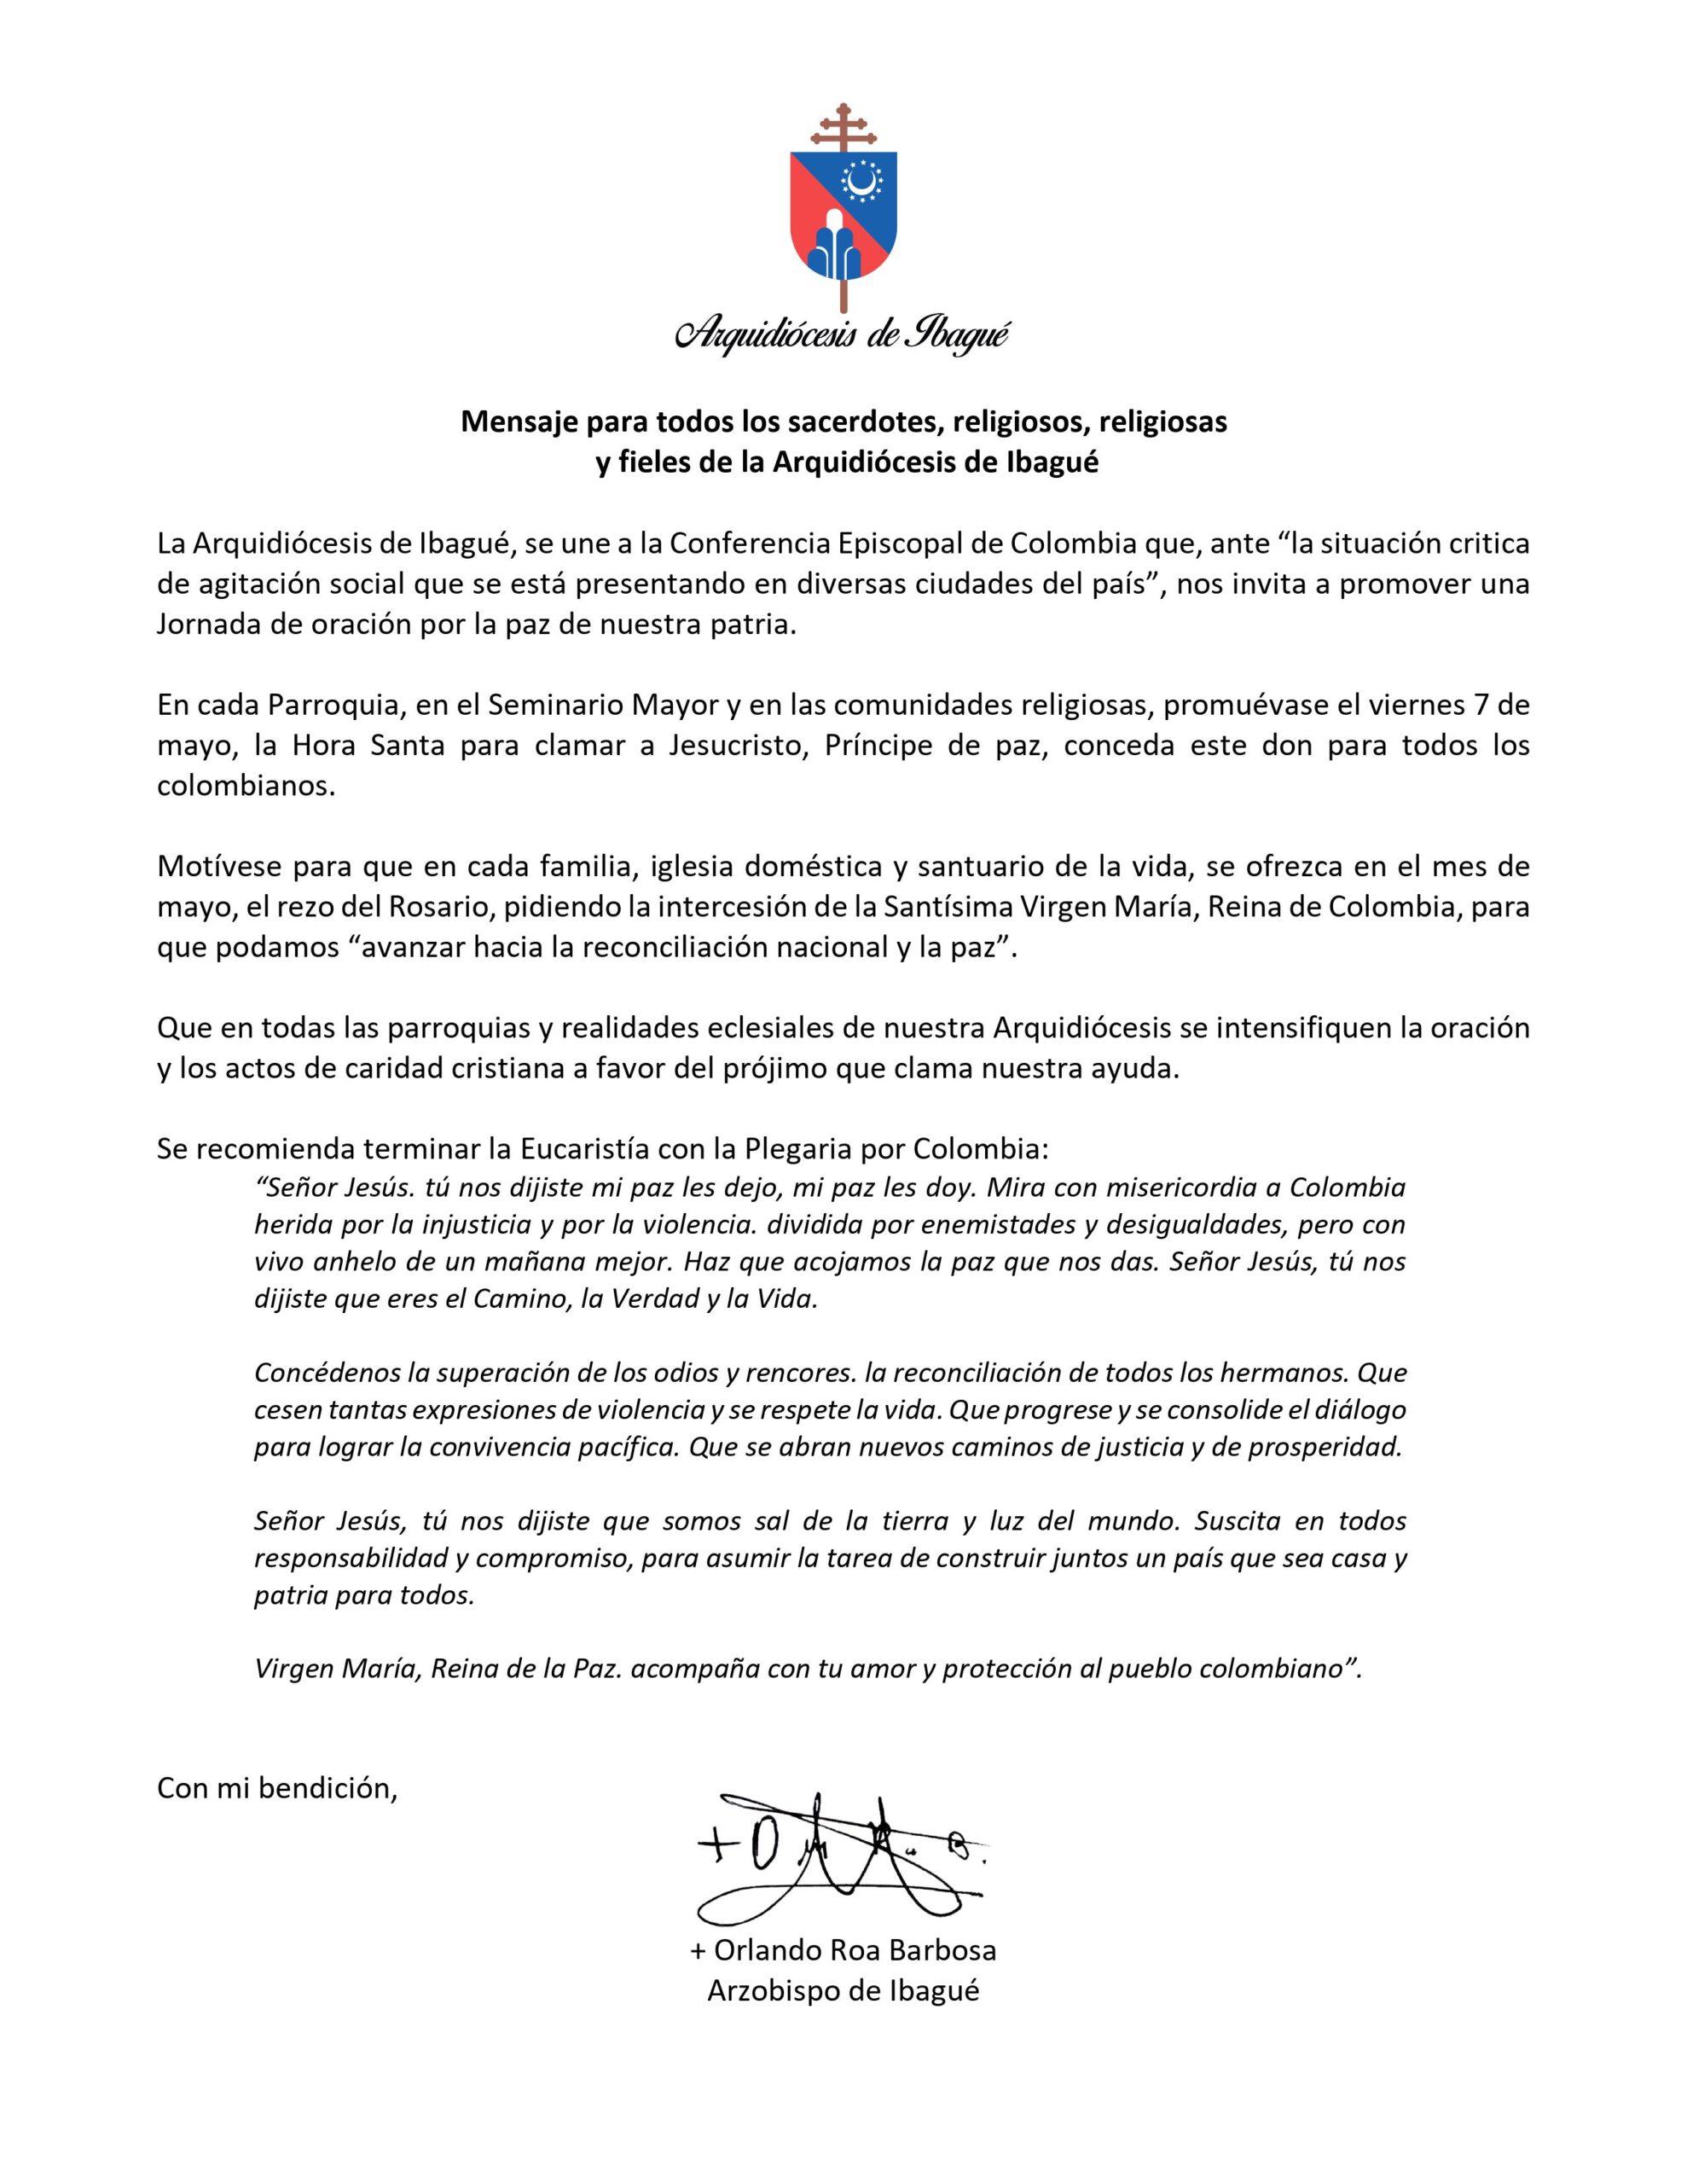 Iglesia Católica en Ibagué se sumó a la petición de servir como mediadora entre Gobierno y Comité del Paro 4